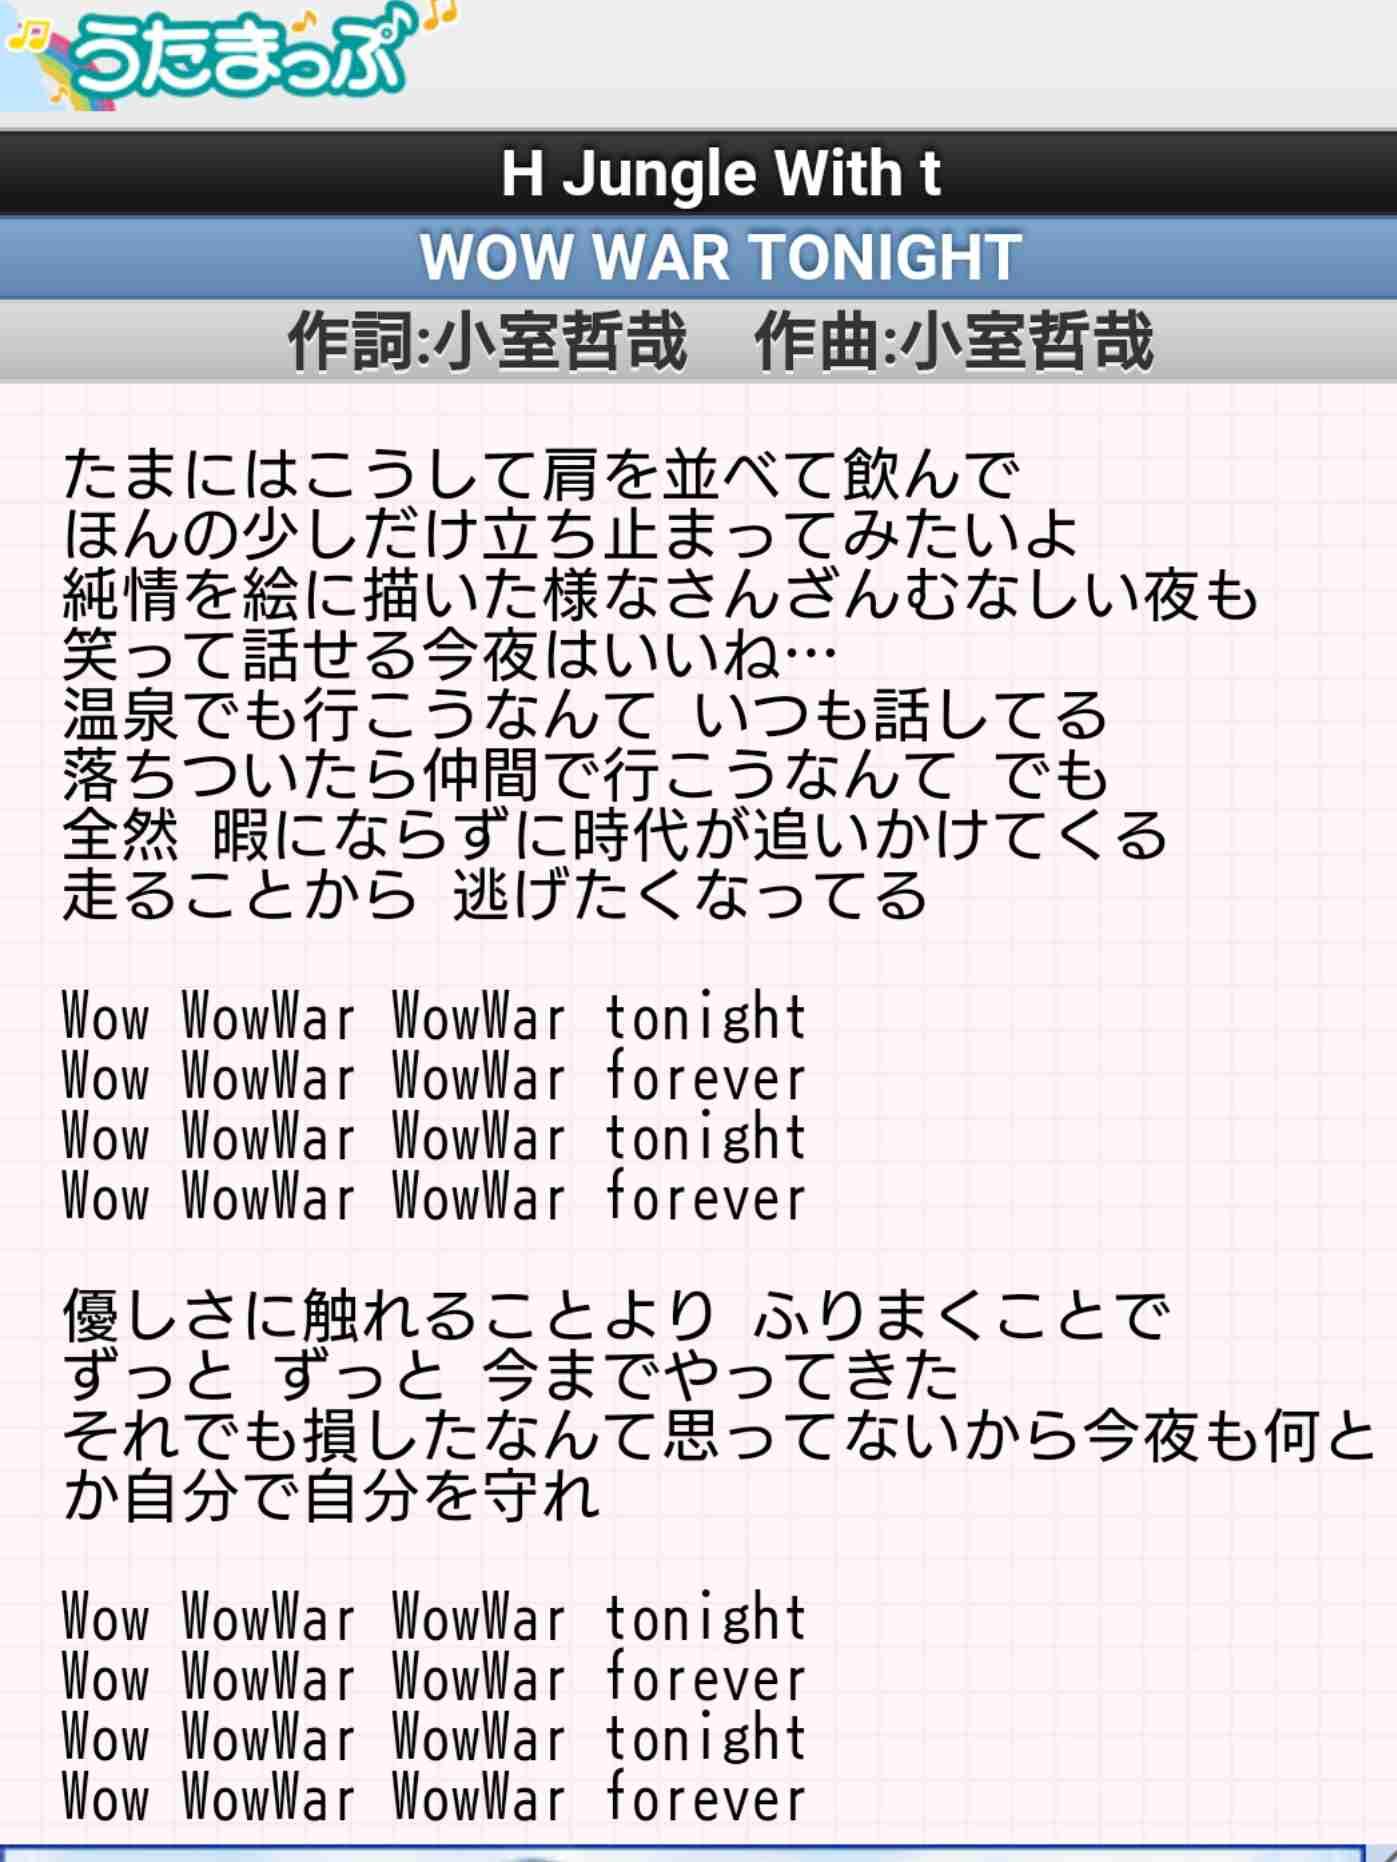 1995年~2000年に発売された曲で好きな曲